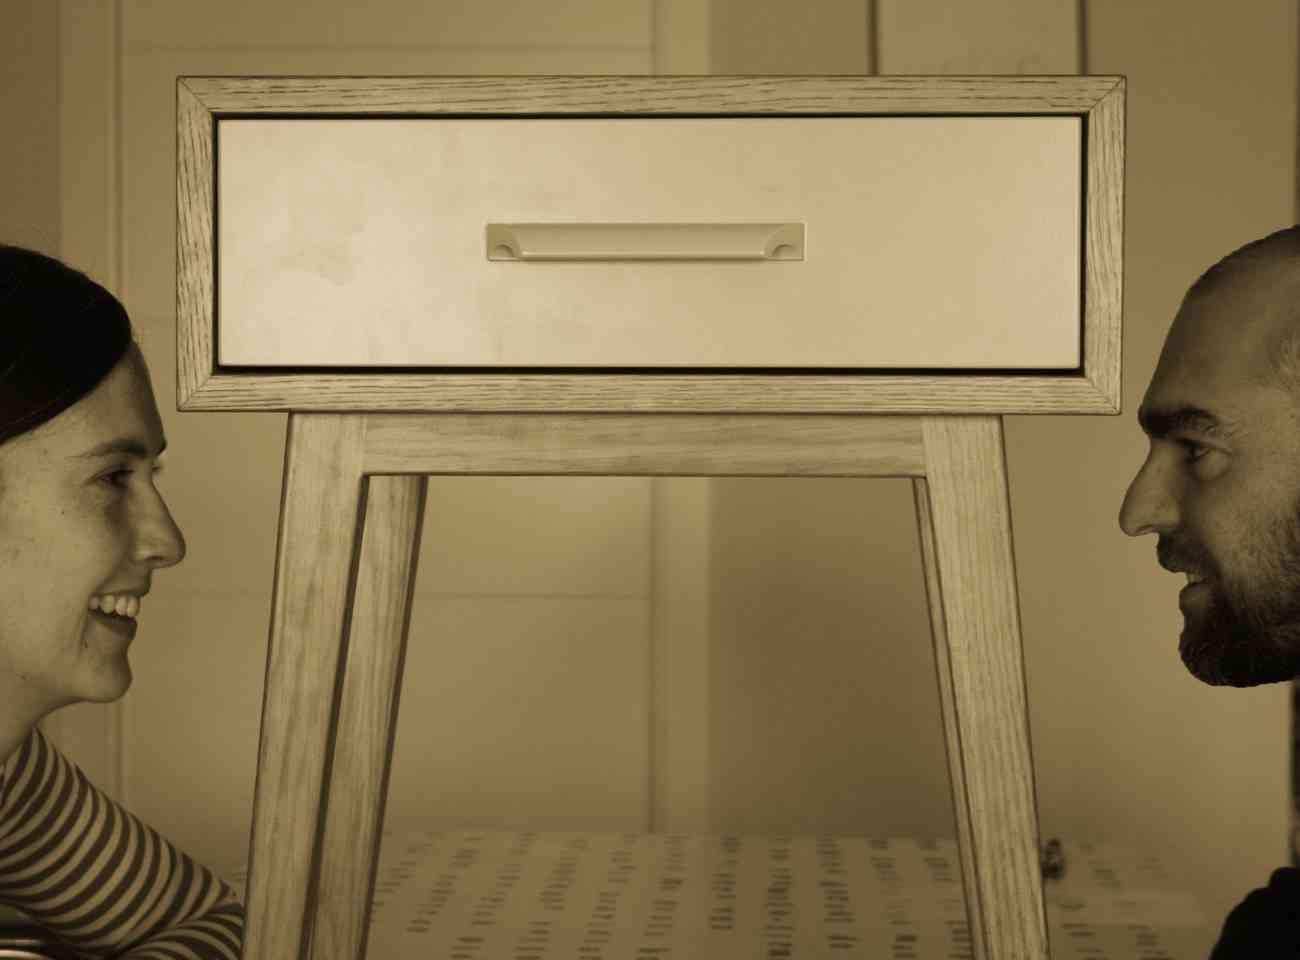 Nola muebles n rdicos hechos en espa a por laura y javier - Muebles por internet espana ...